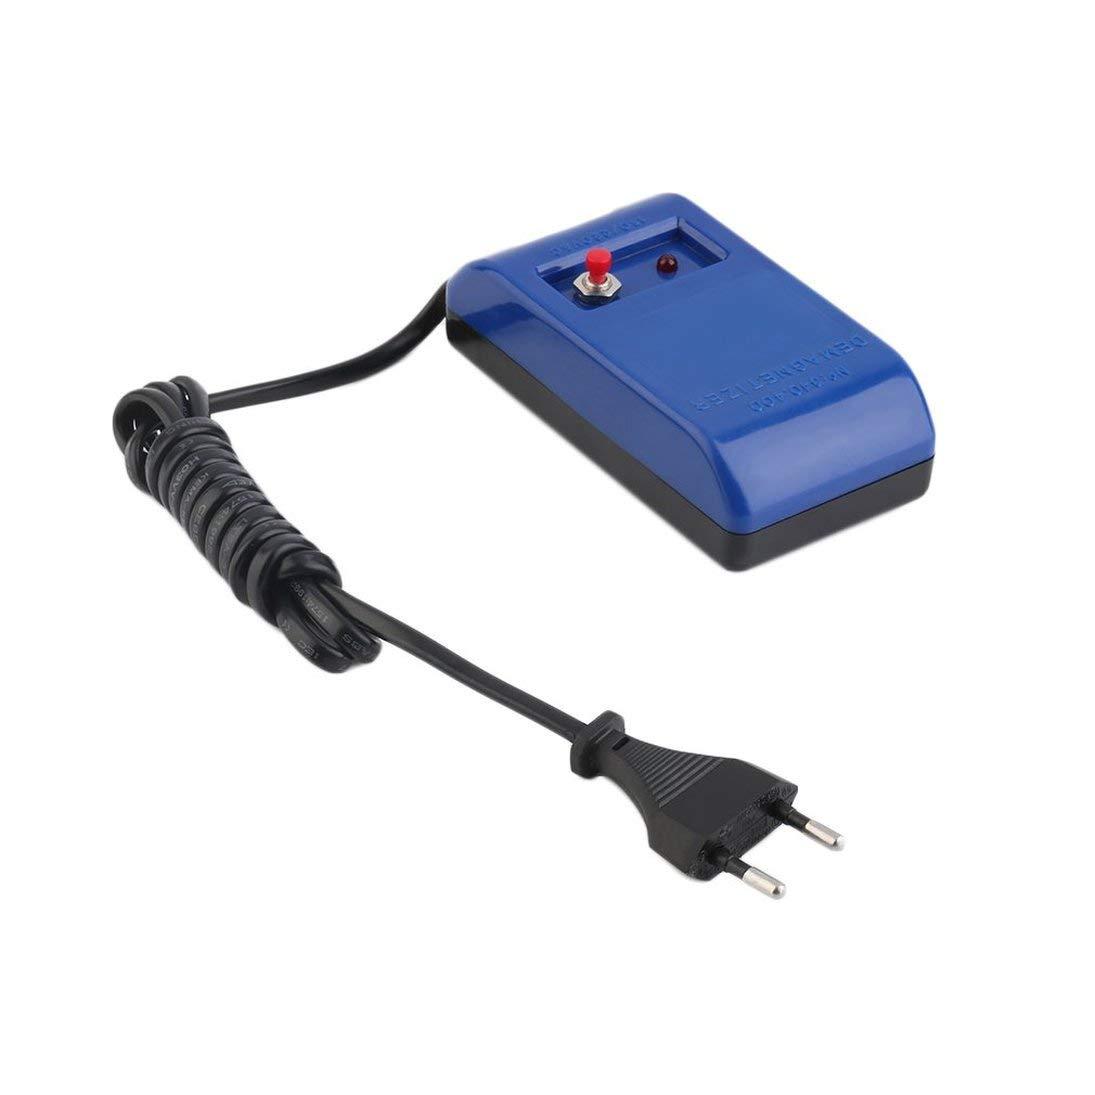 /Électrique Parfait Montre R/éparation Tournevis Brucelles D/émagn/étiser D/émagn/étiseur Outils EU Plug